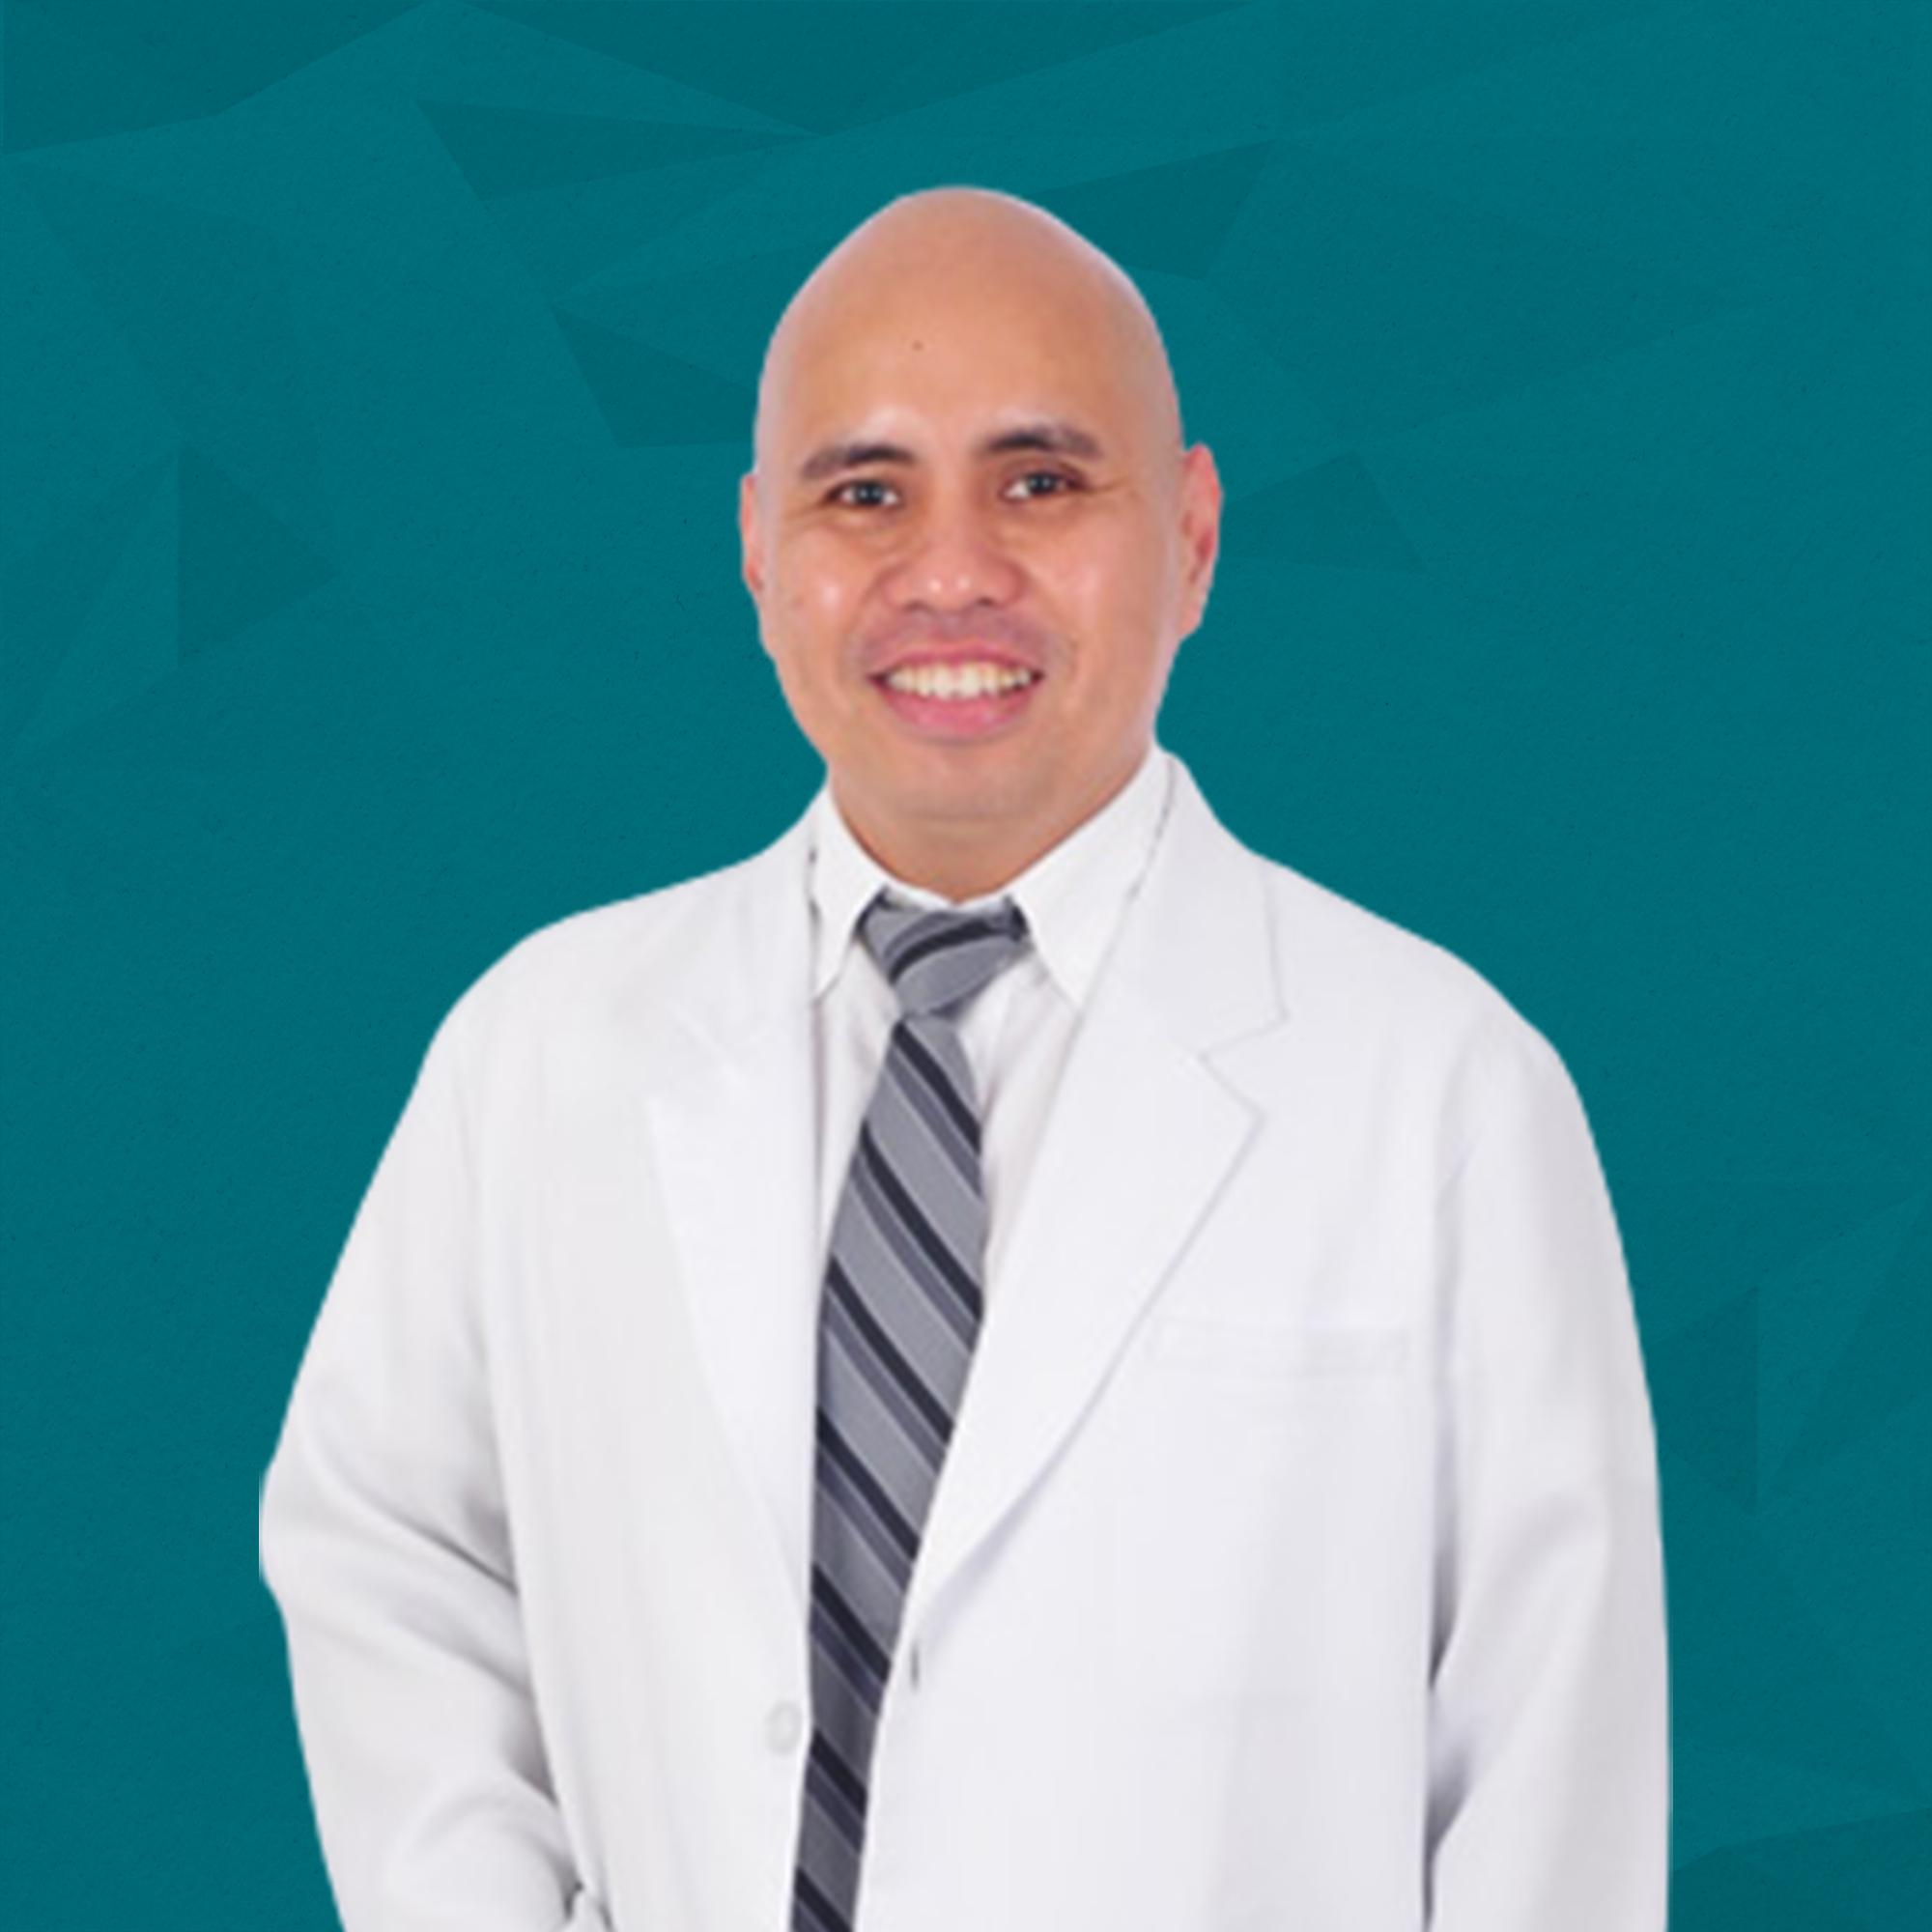 Dr. Atillo, Roy